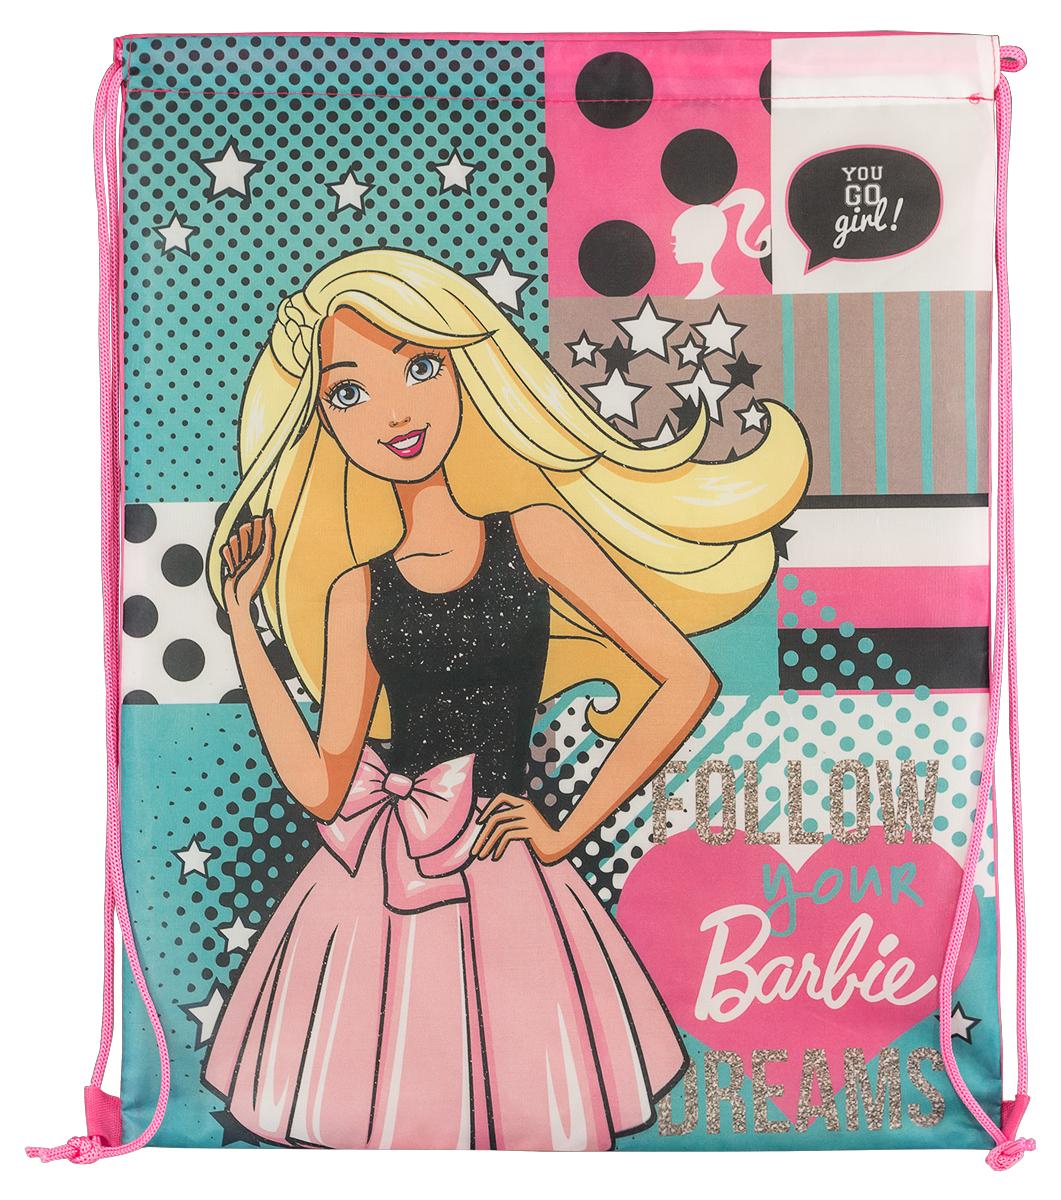 Barbie Сумка для сменной обуви Follow Your DreamsBRDB-MT1-883Сумка для сменной обуви Barbie Follow Your Dreams идеально подойдет как для хранения, так и для переноски сменной обуви и одежды.Сумка выполнена из плотного водостойкого материала и содержит одно вместительное отделение, затягивающееся с помощью текстильных шнурков. Шнурки фиксируются в нижней части сумки, благодаря чему ее можно носить за спиной как рюкзак. Сумка дополнена изображением очаровательной Барби.